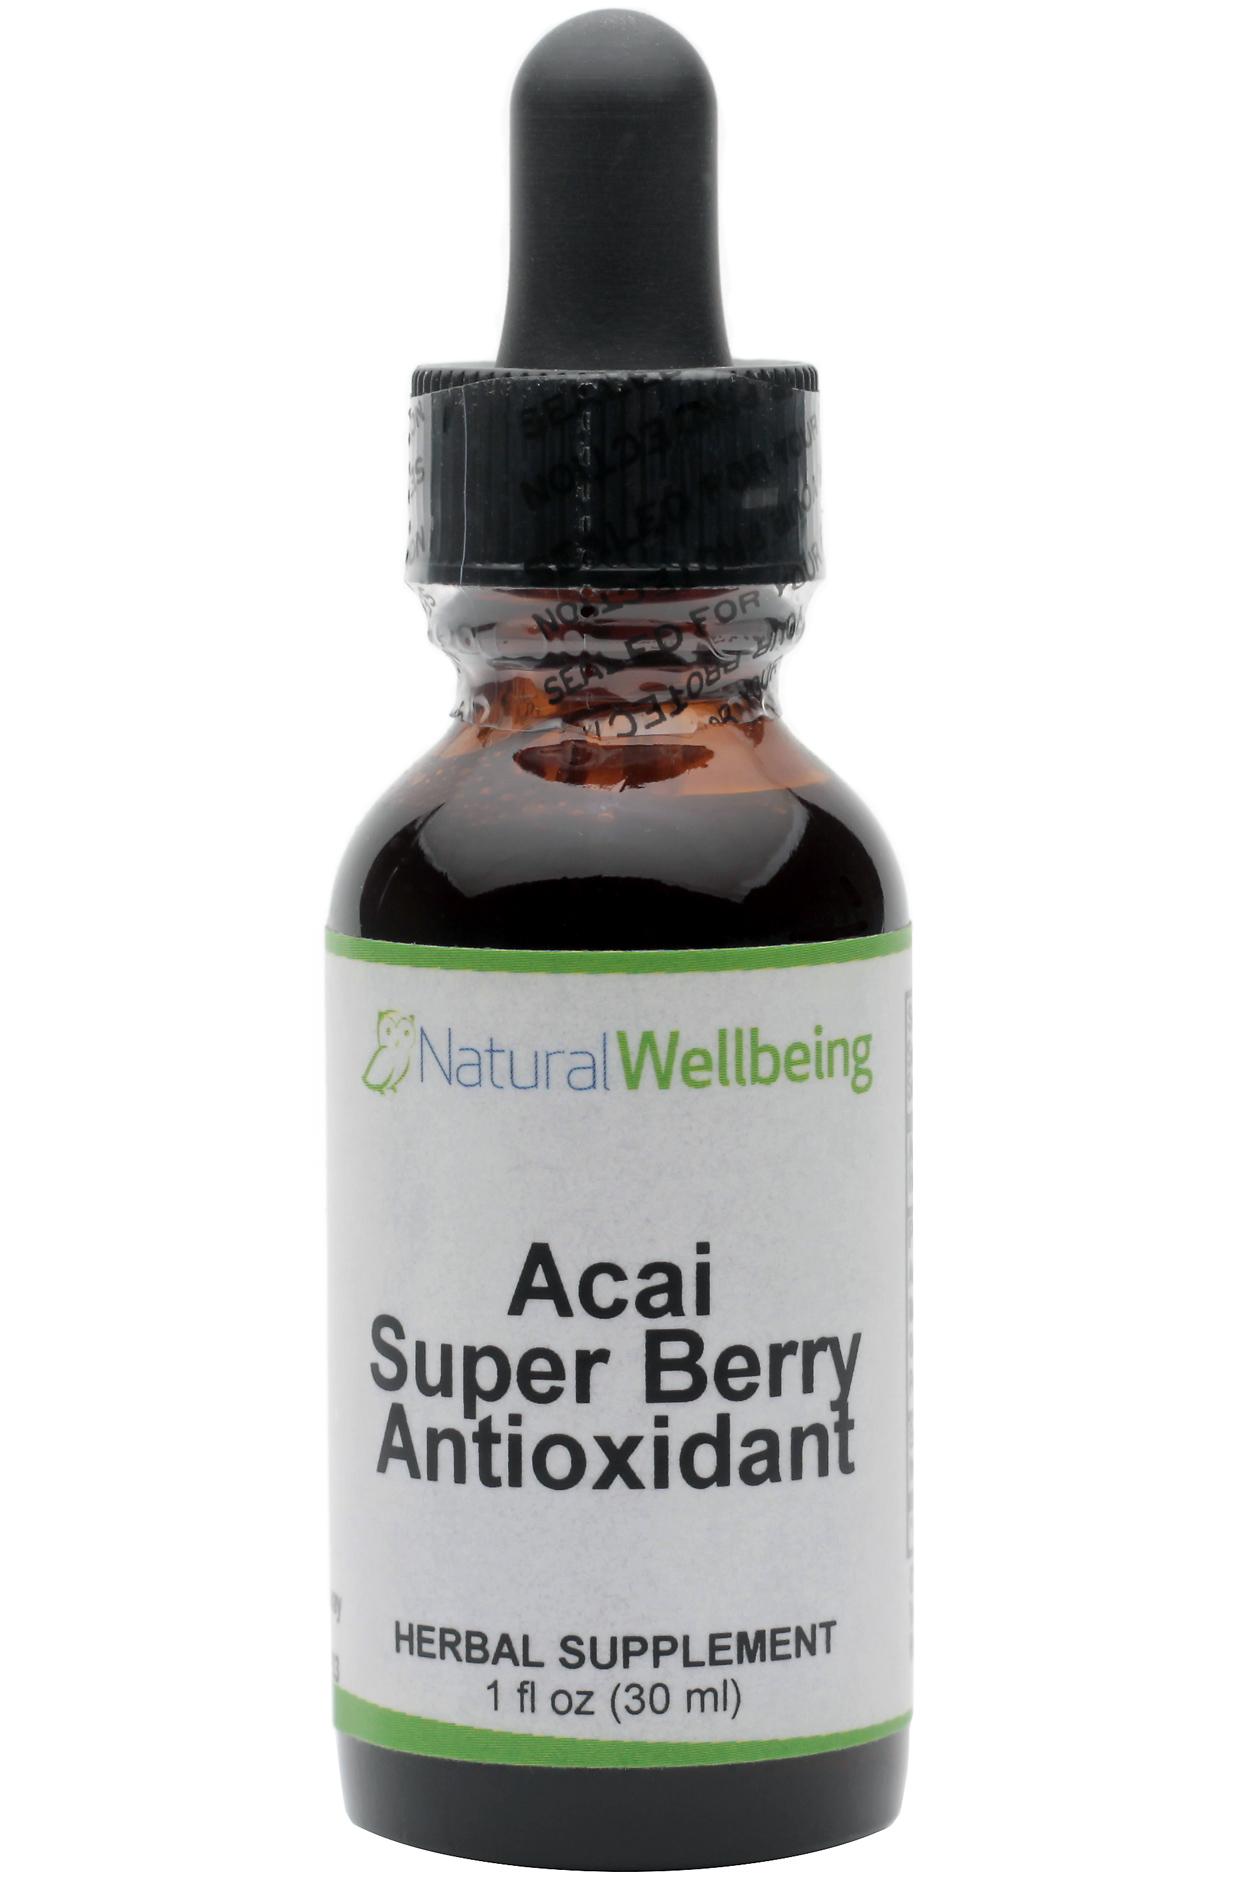 ACAI SUPER BERRY ANTIOXIDANT